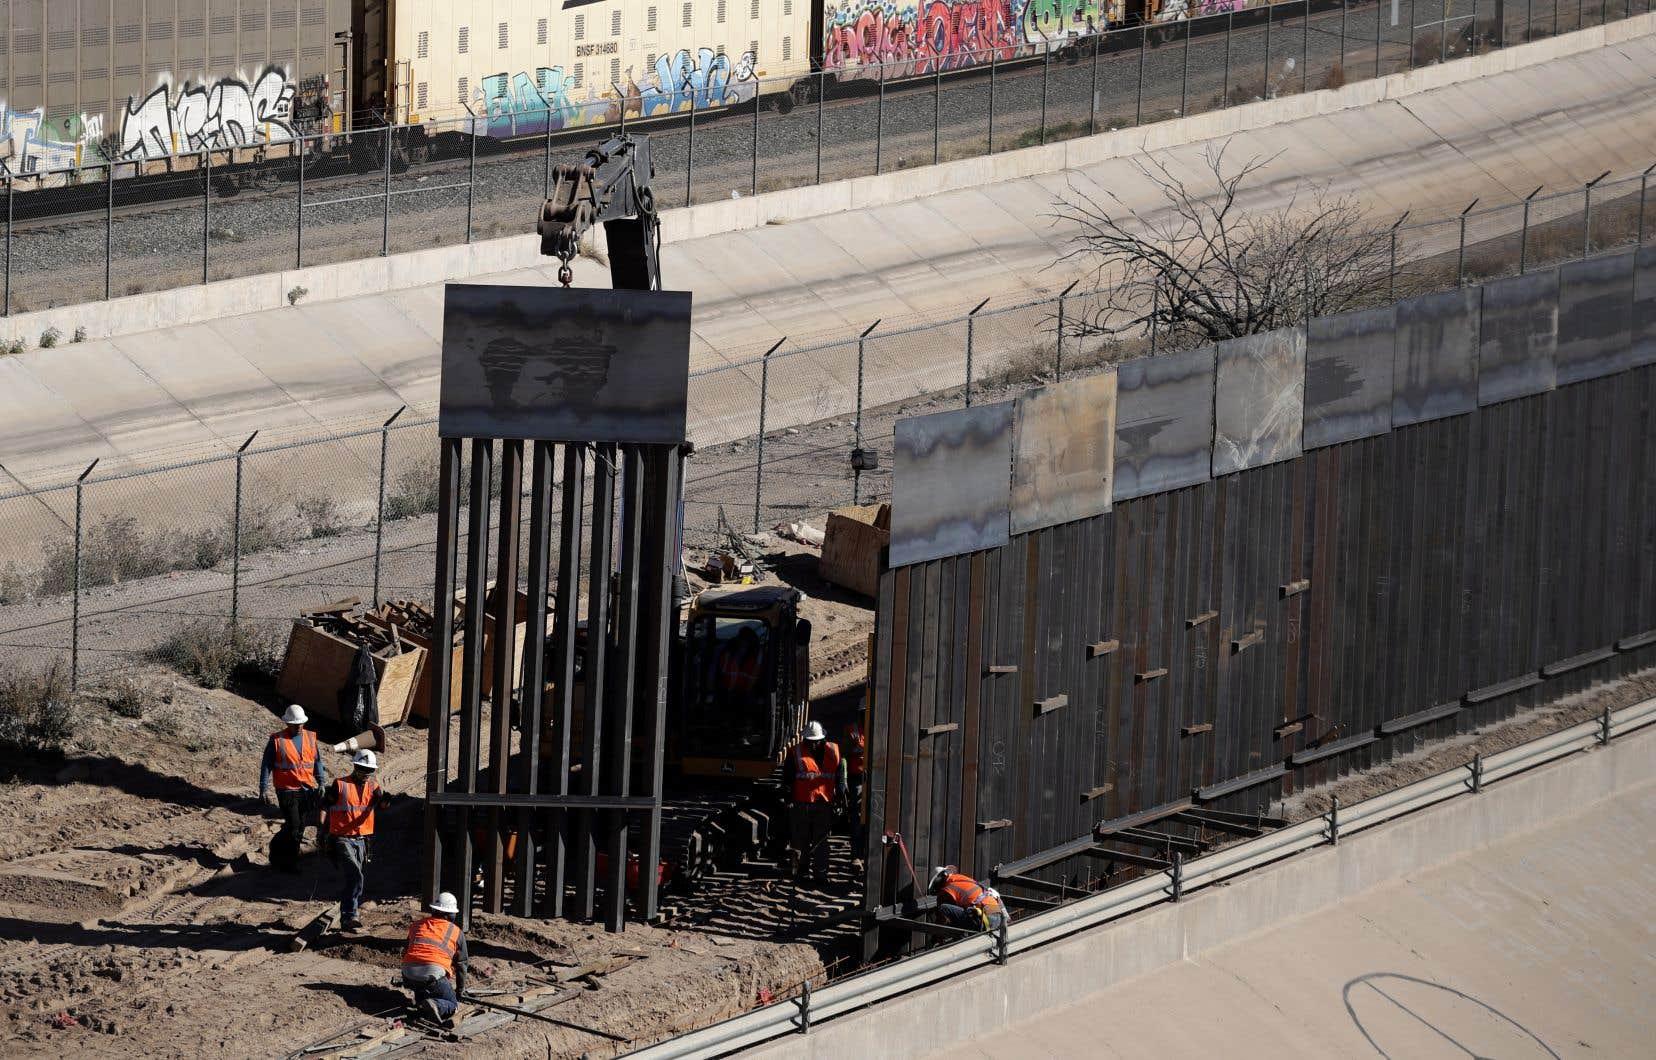 Un segment de mur frontalier entre les États-Unis et le Mexique est construit à proximité d'El Paso, au Texas.